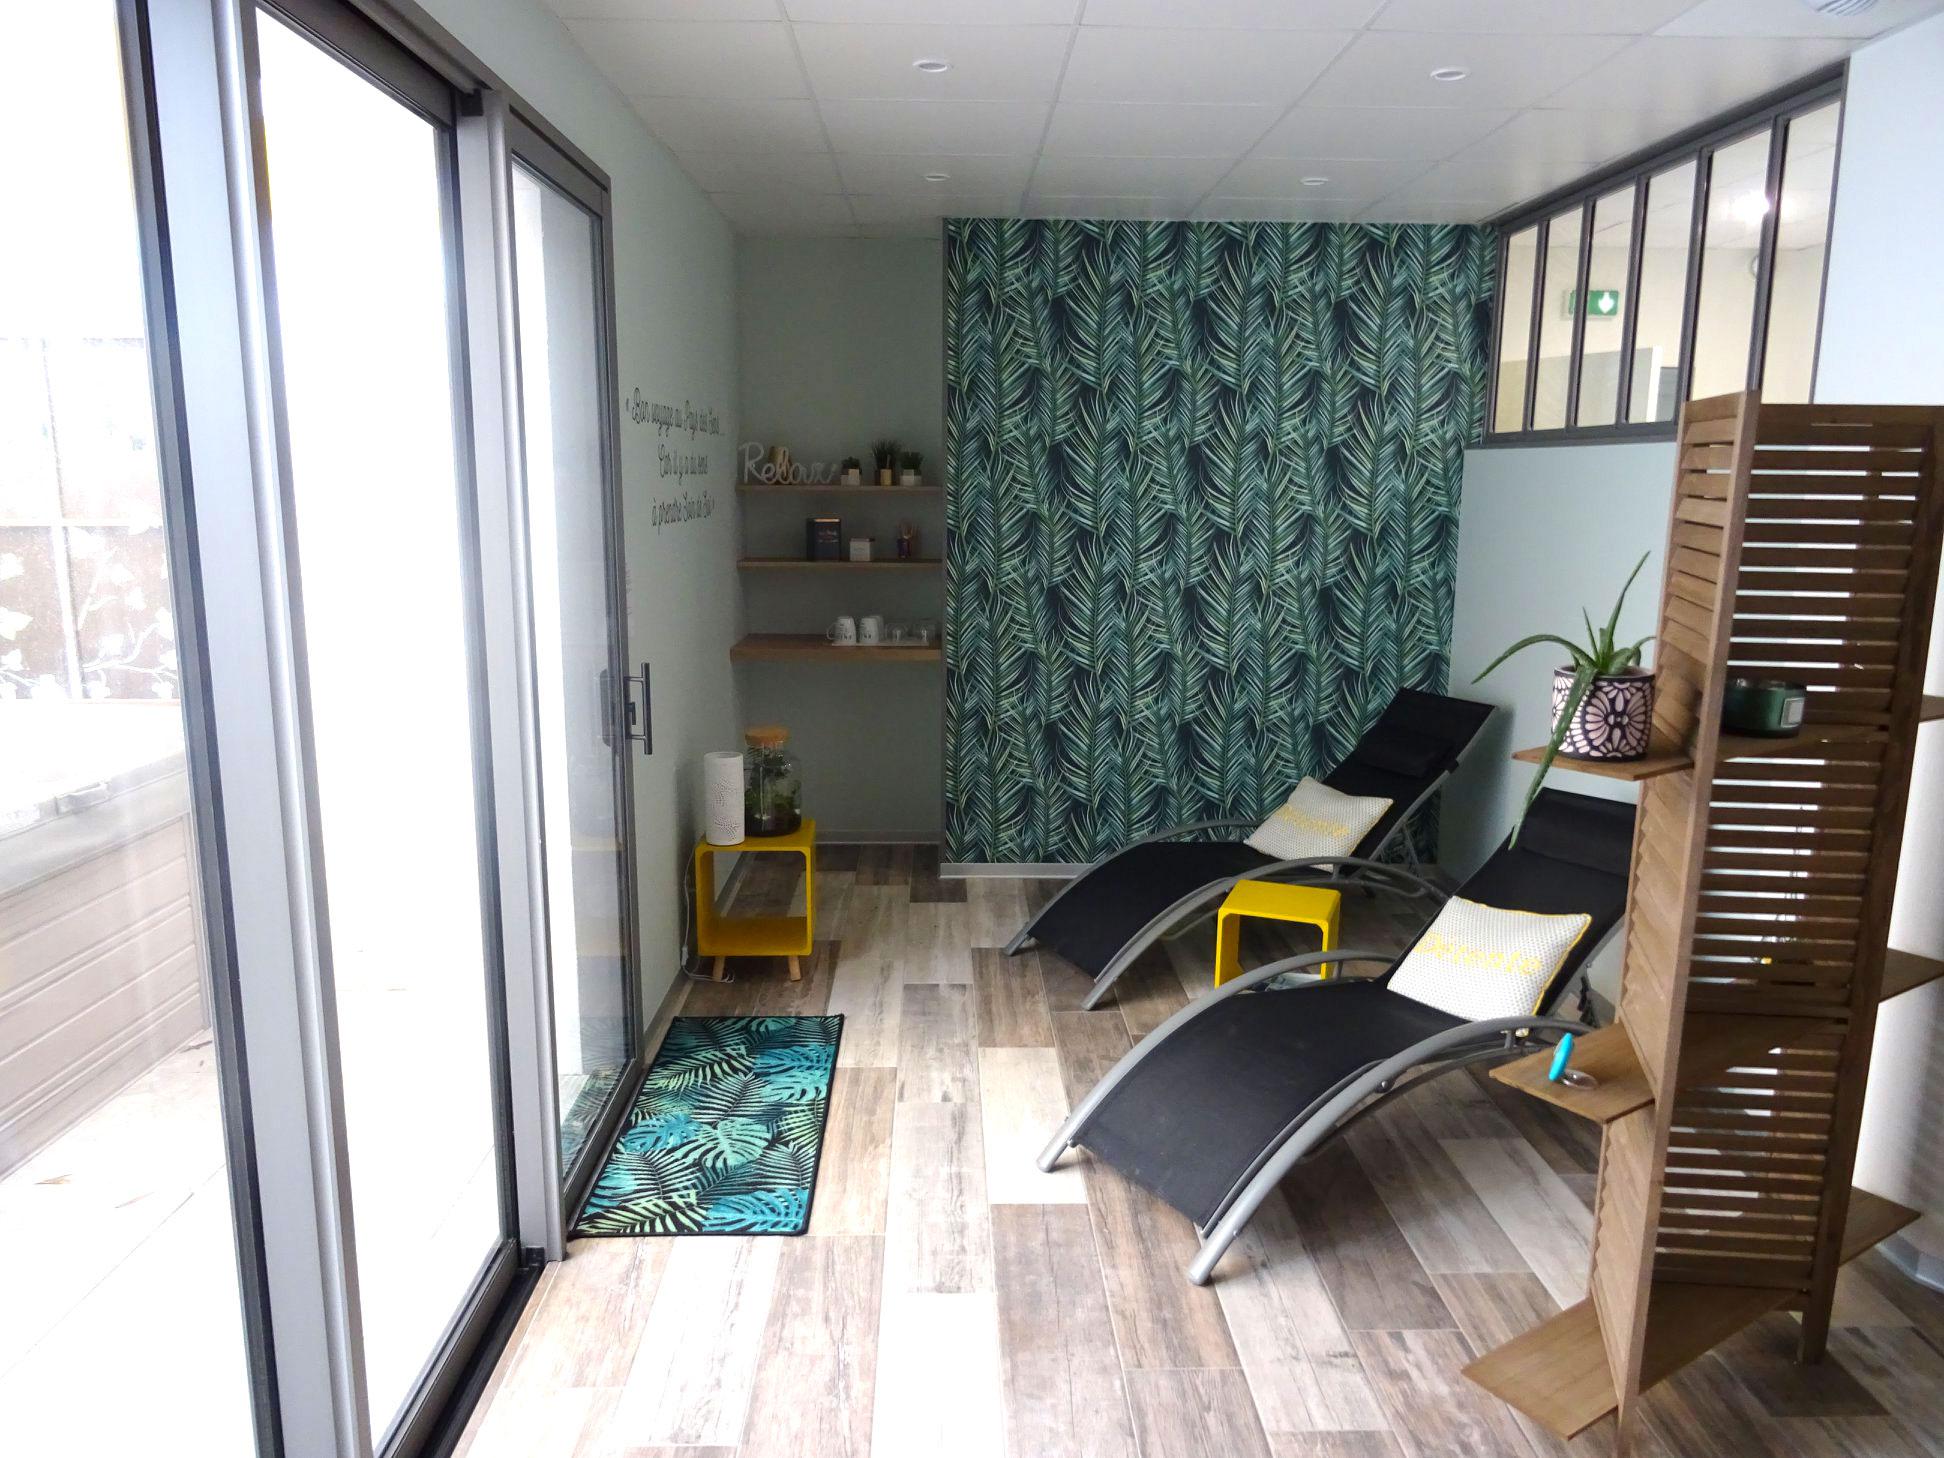 Institut-de-beaute-ParentAize-Amenagement-interieur-sur-mesure-boutique-agencement-G-Viaud-Aizenay-Vendee3